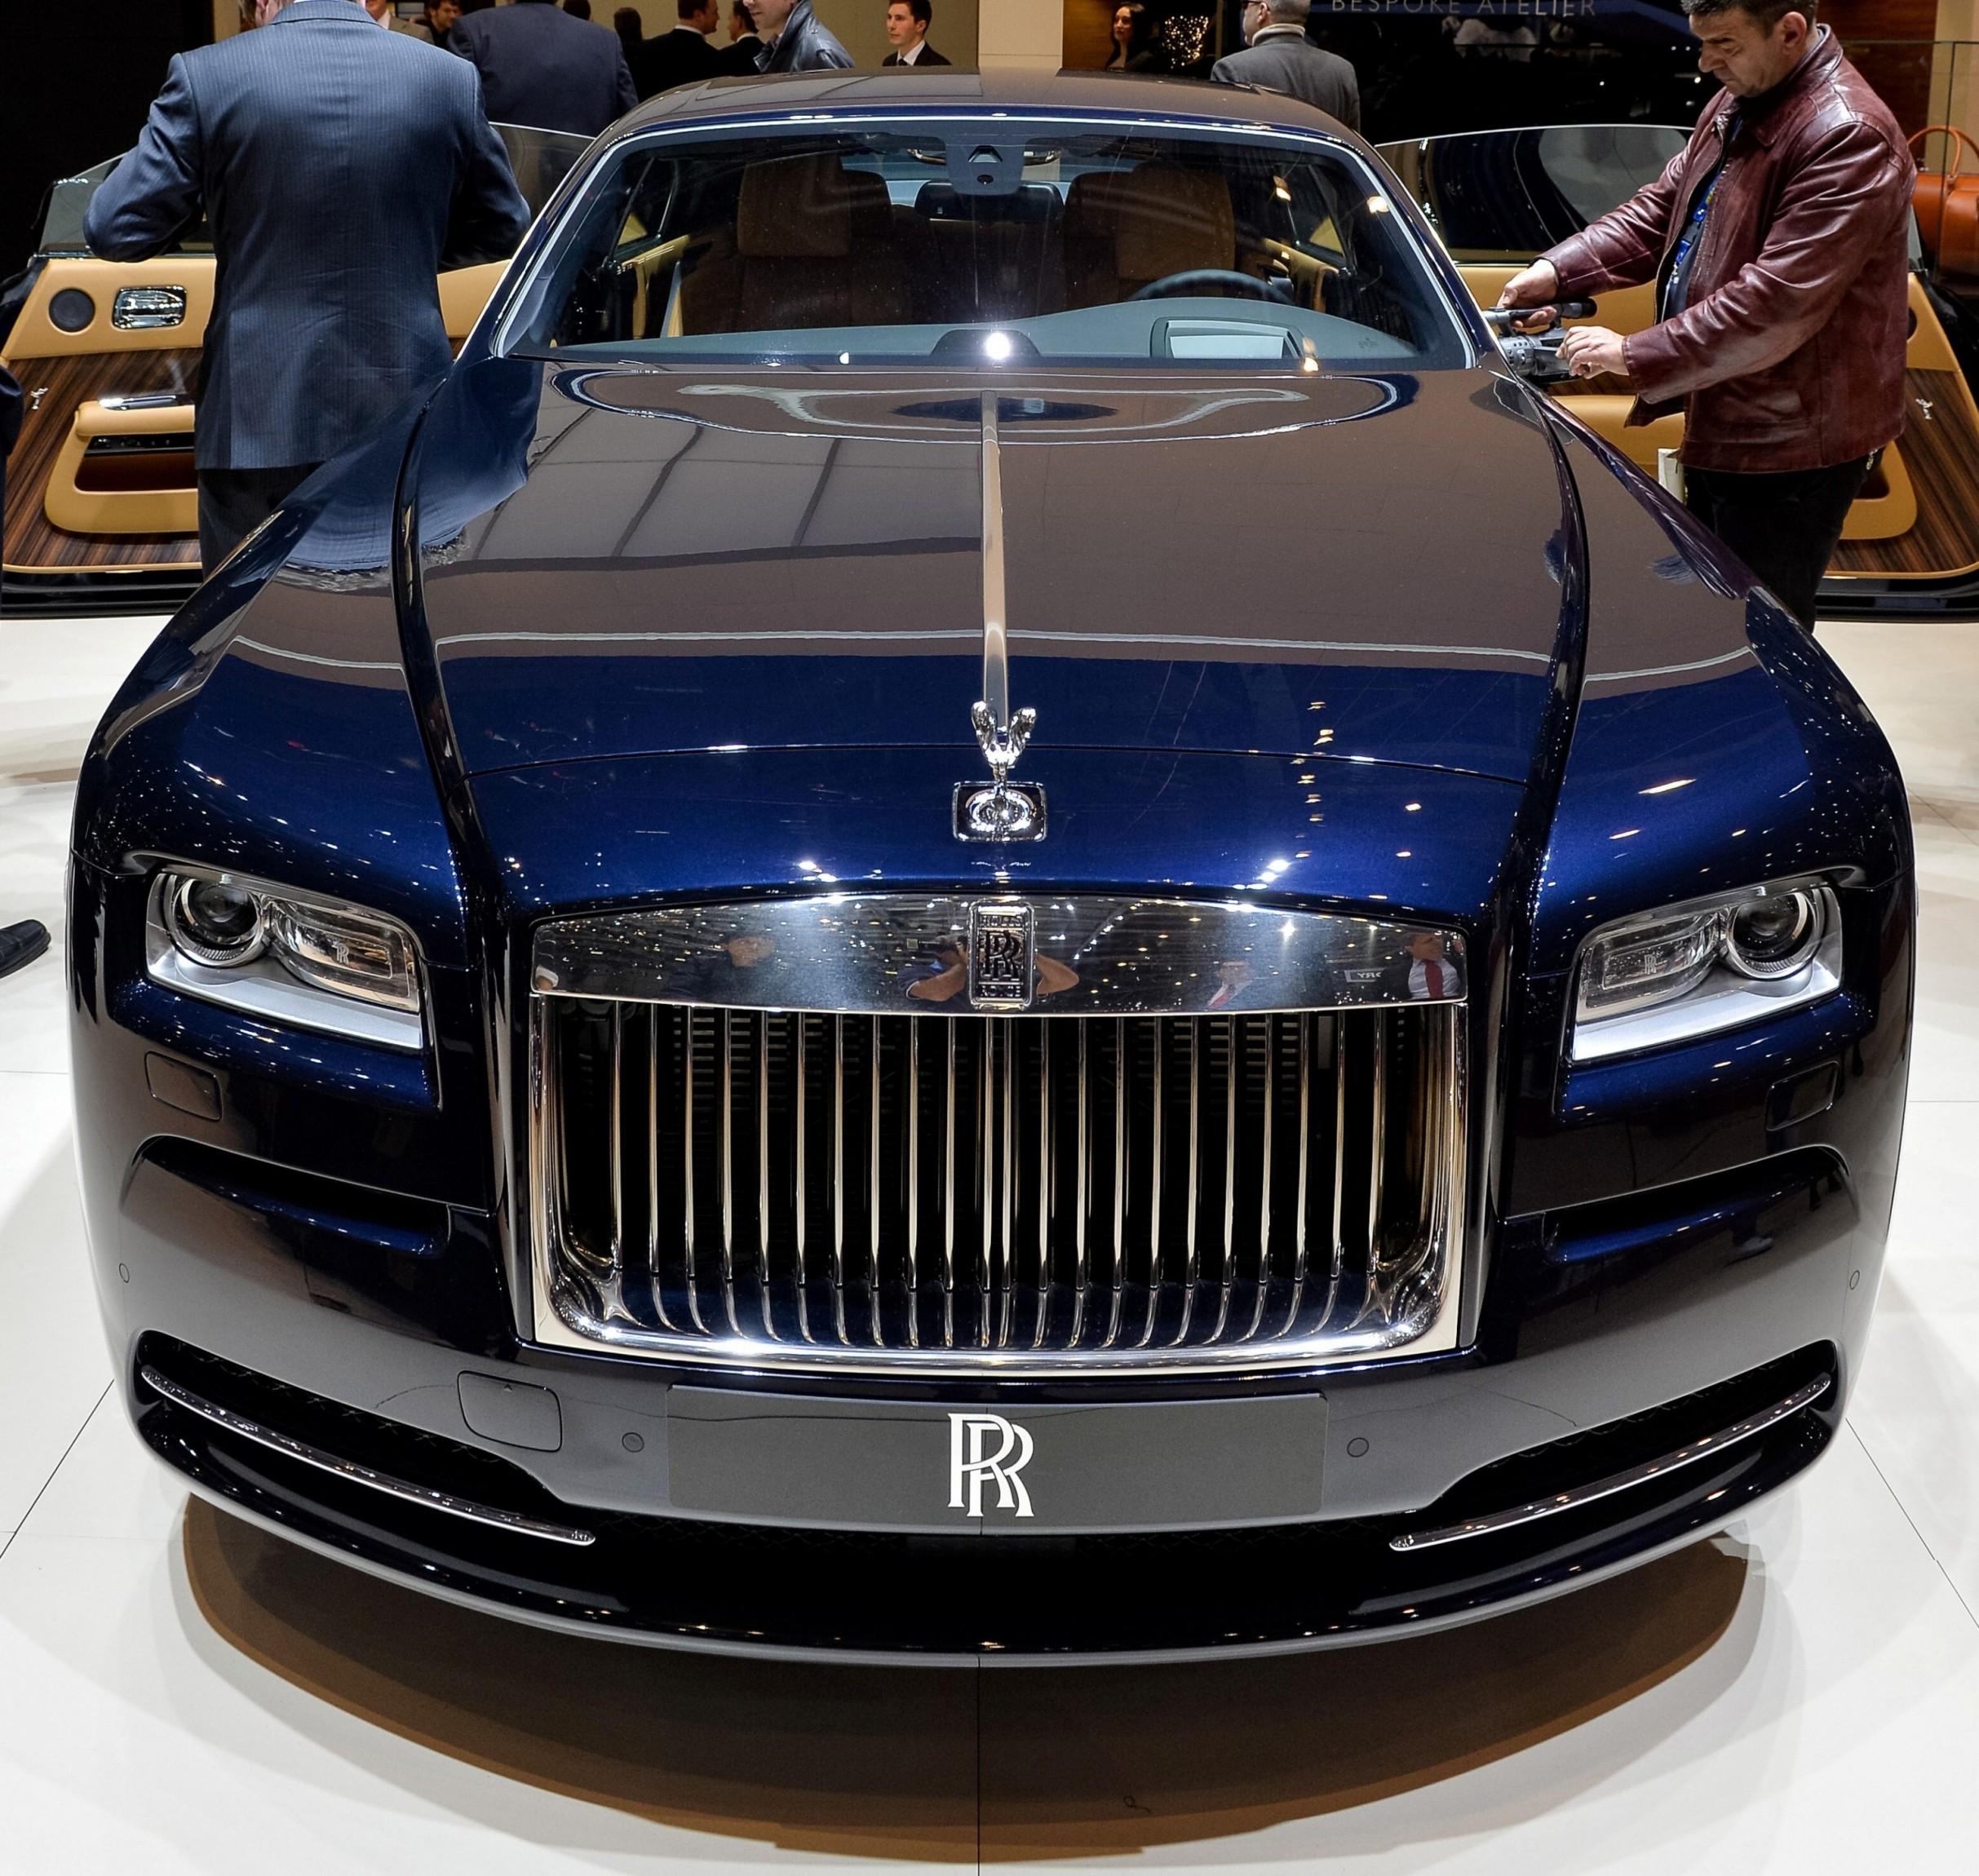 Rolls-Royce Is Evergreen In 111